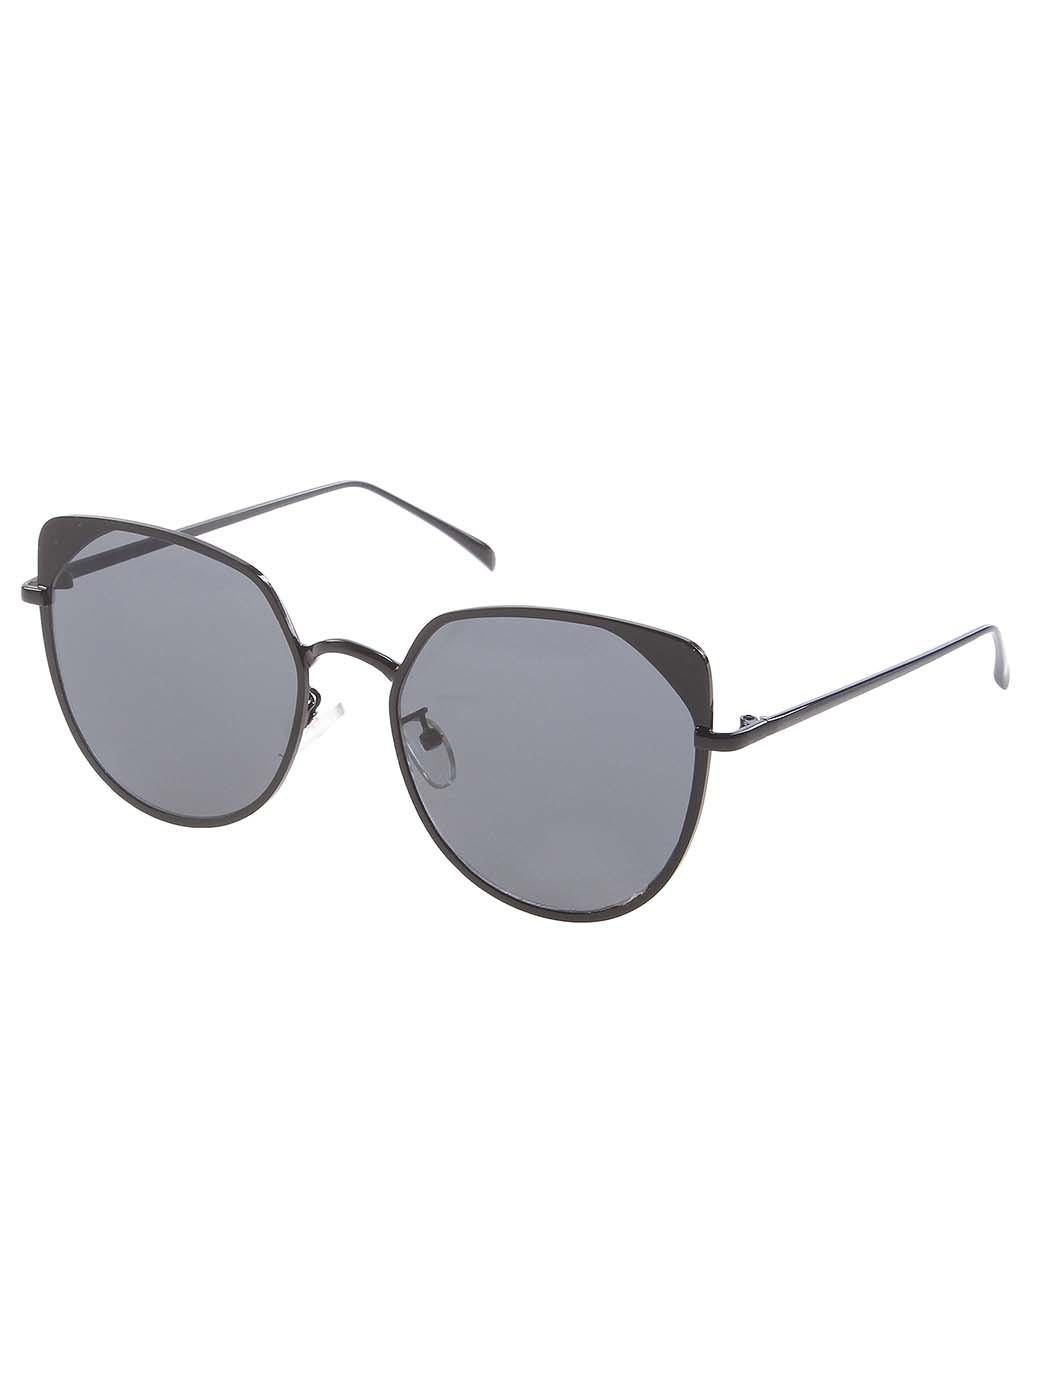 Очки солнцезащитные Vita Pelle FL011301-2017-926-3, FL011301-2017-926-3, черный 926